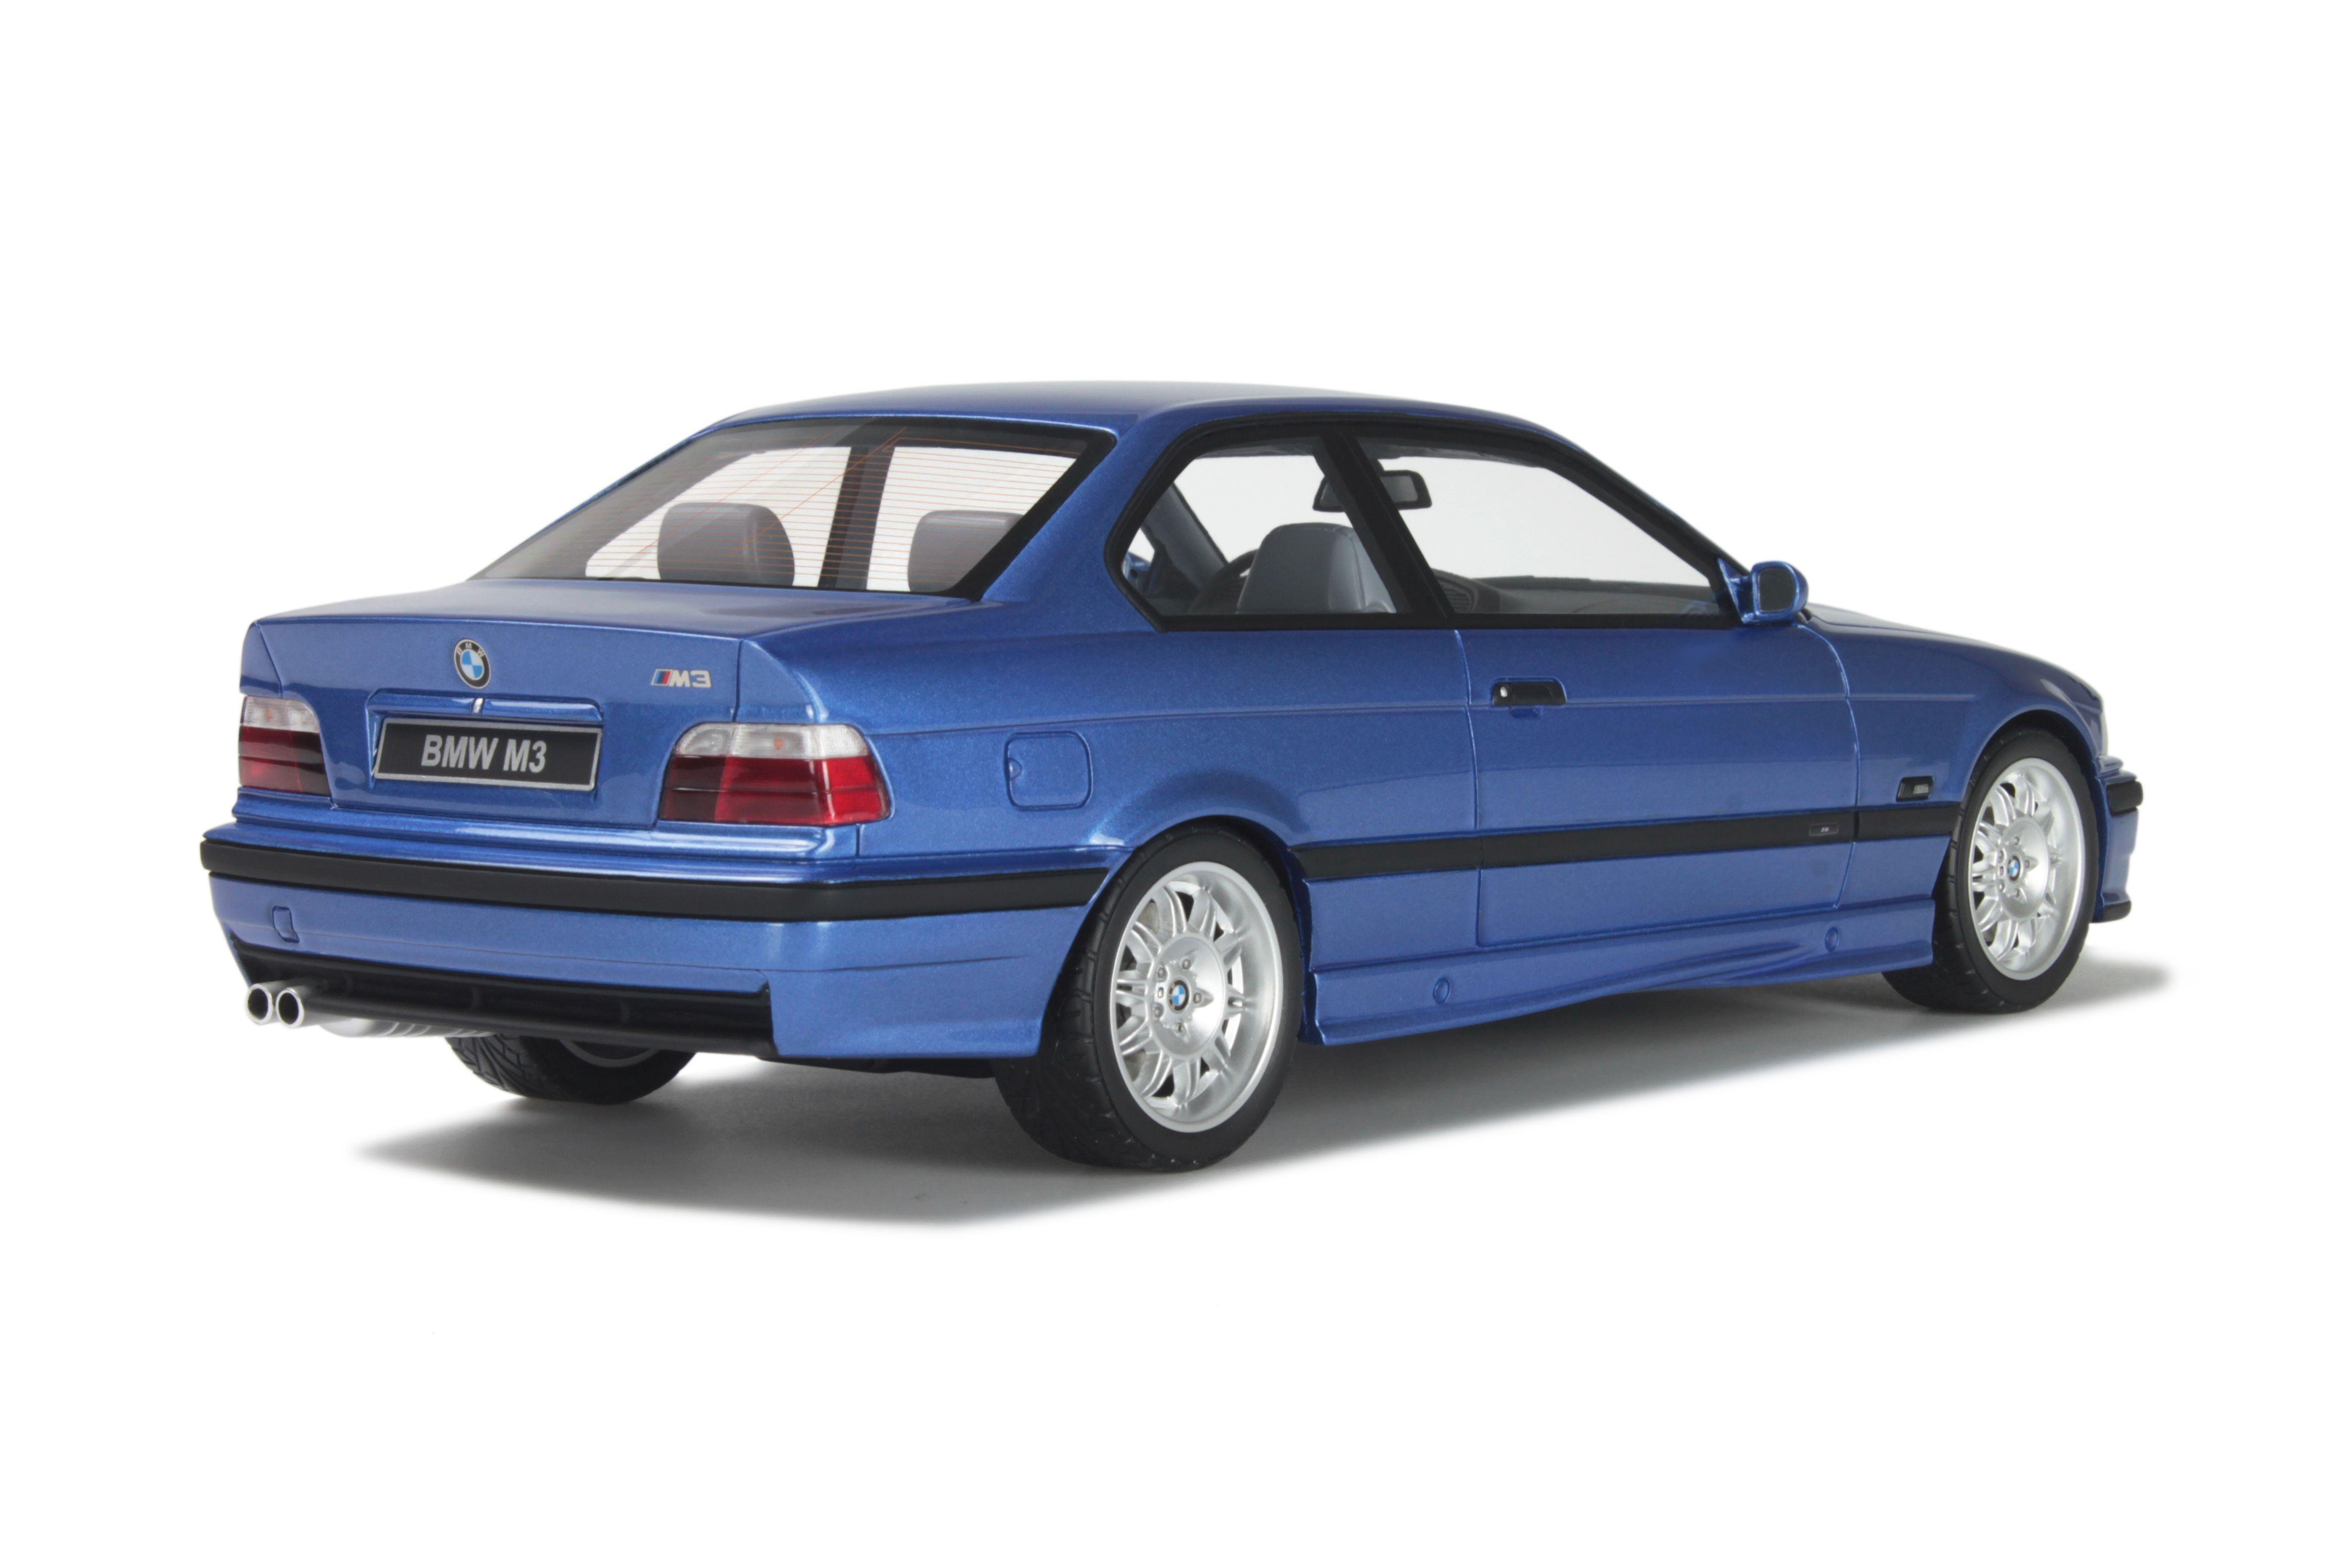 Bmw E36 M3 Coupe Blue Modelcar Ot625 Otto 1 18 Ebay